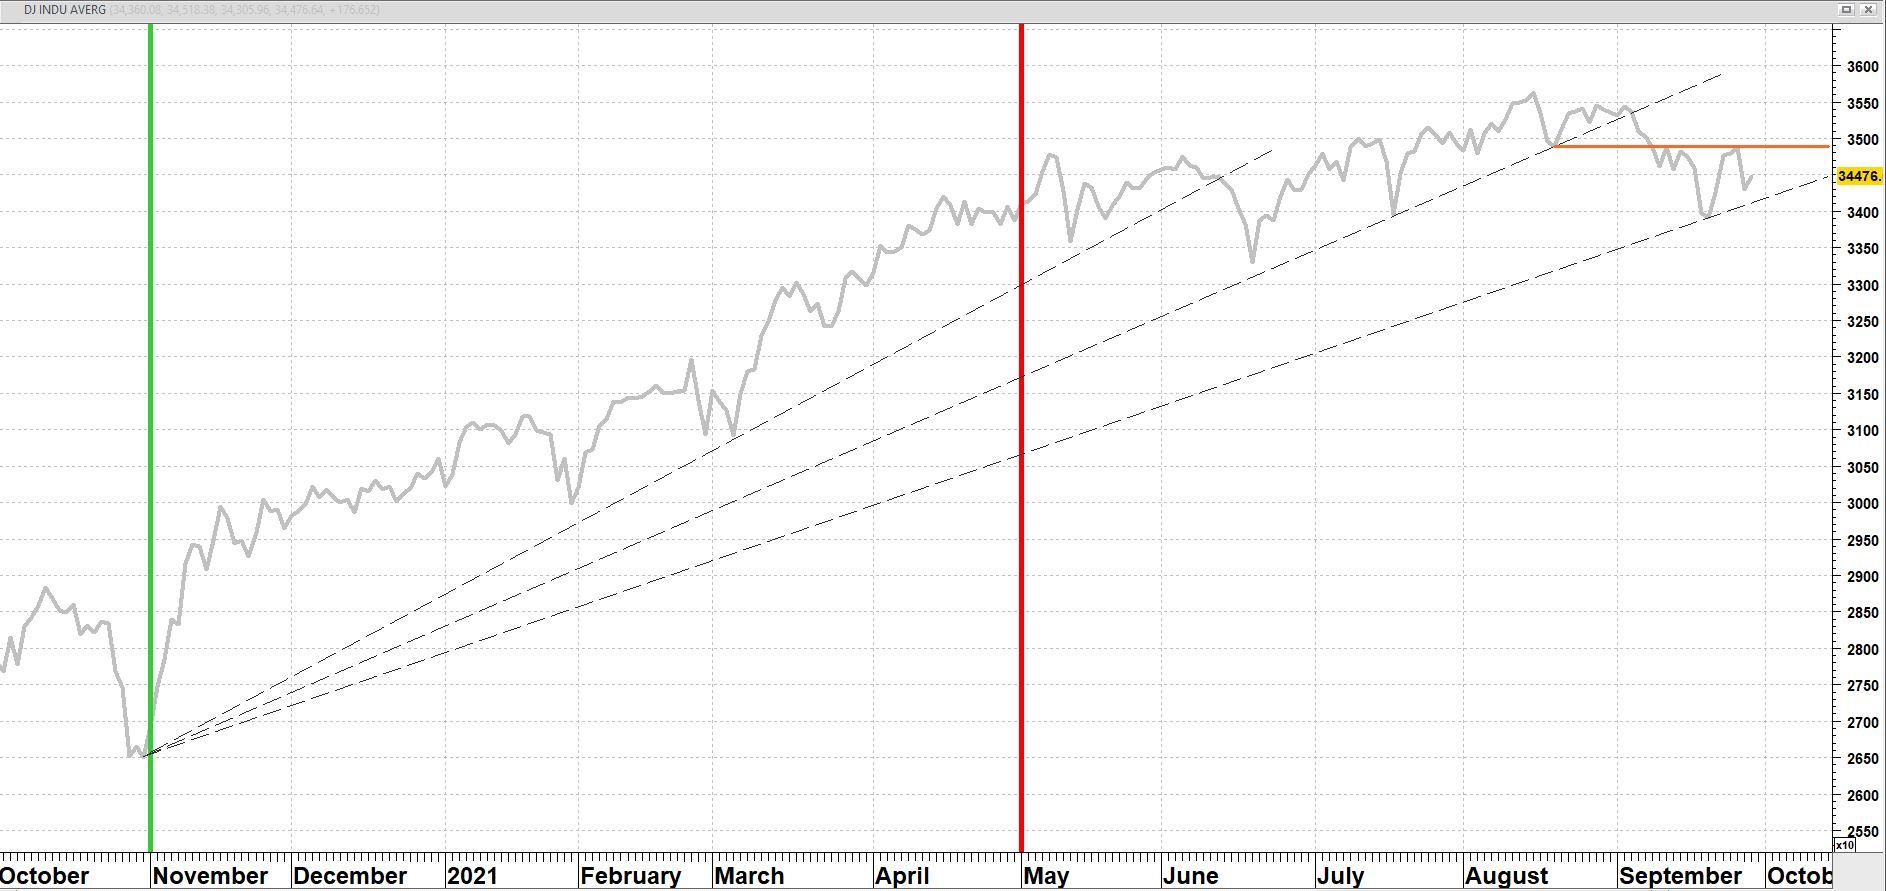 Dow Jones Industrial Average vanaf oktober 2020